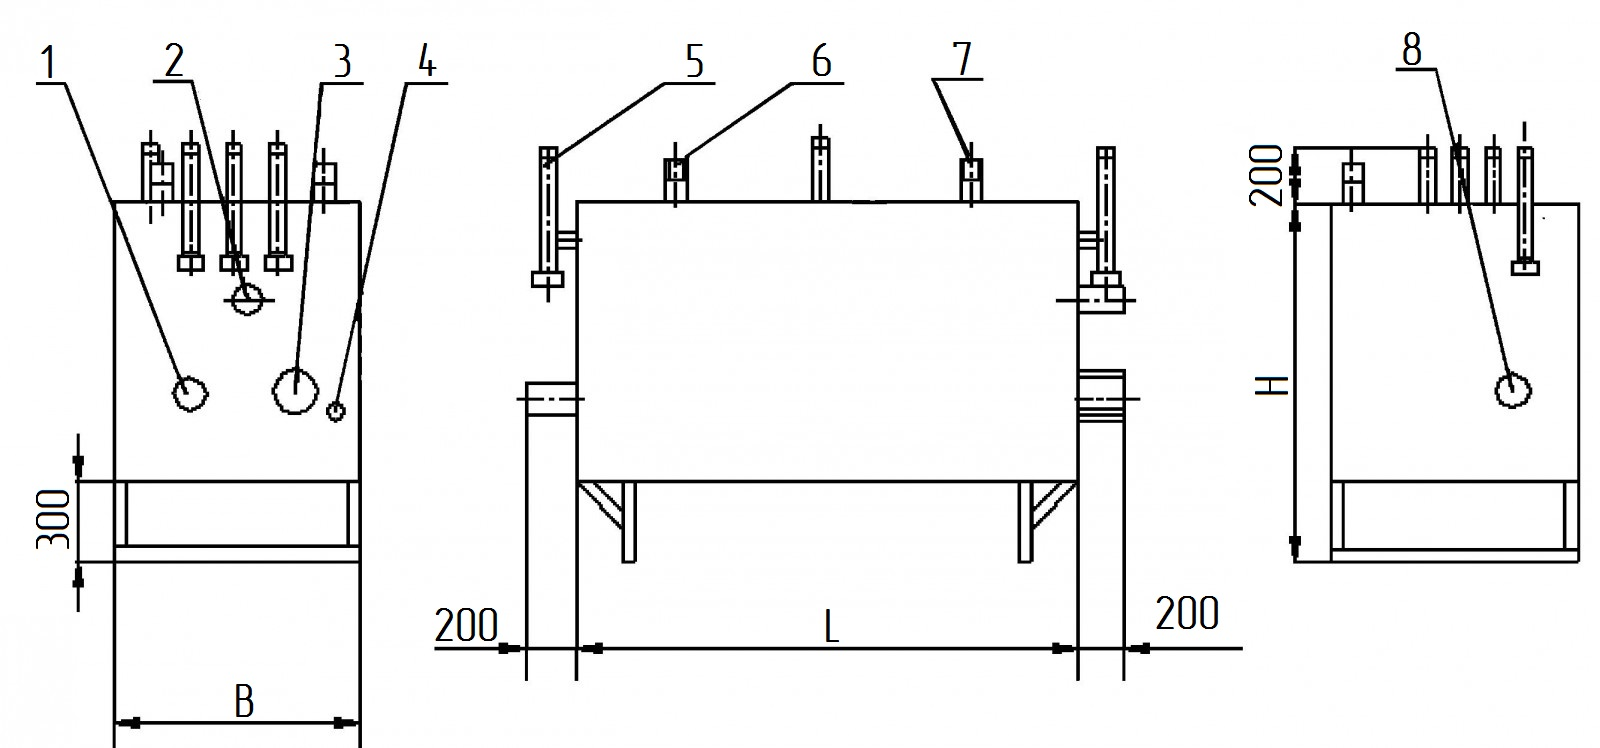 Газорегуляторная установка ГРУ-13-2НВ-ПУ1, ГРУ-15-2НВ-ПУ1, ГРУ-16-2НВ-ПУ1